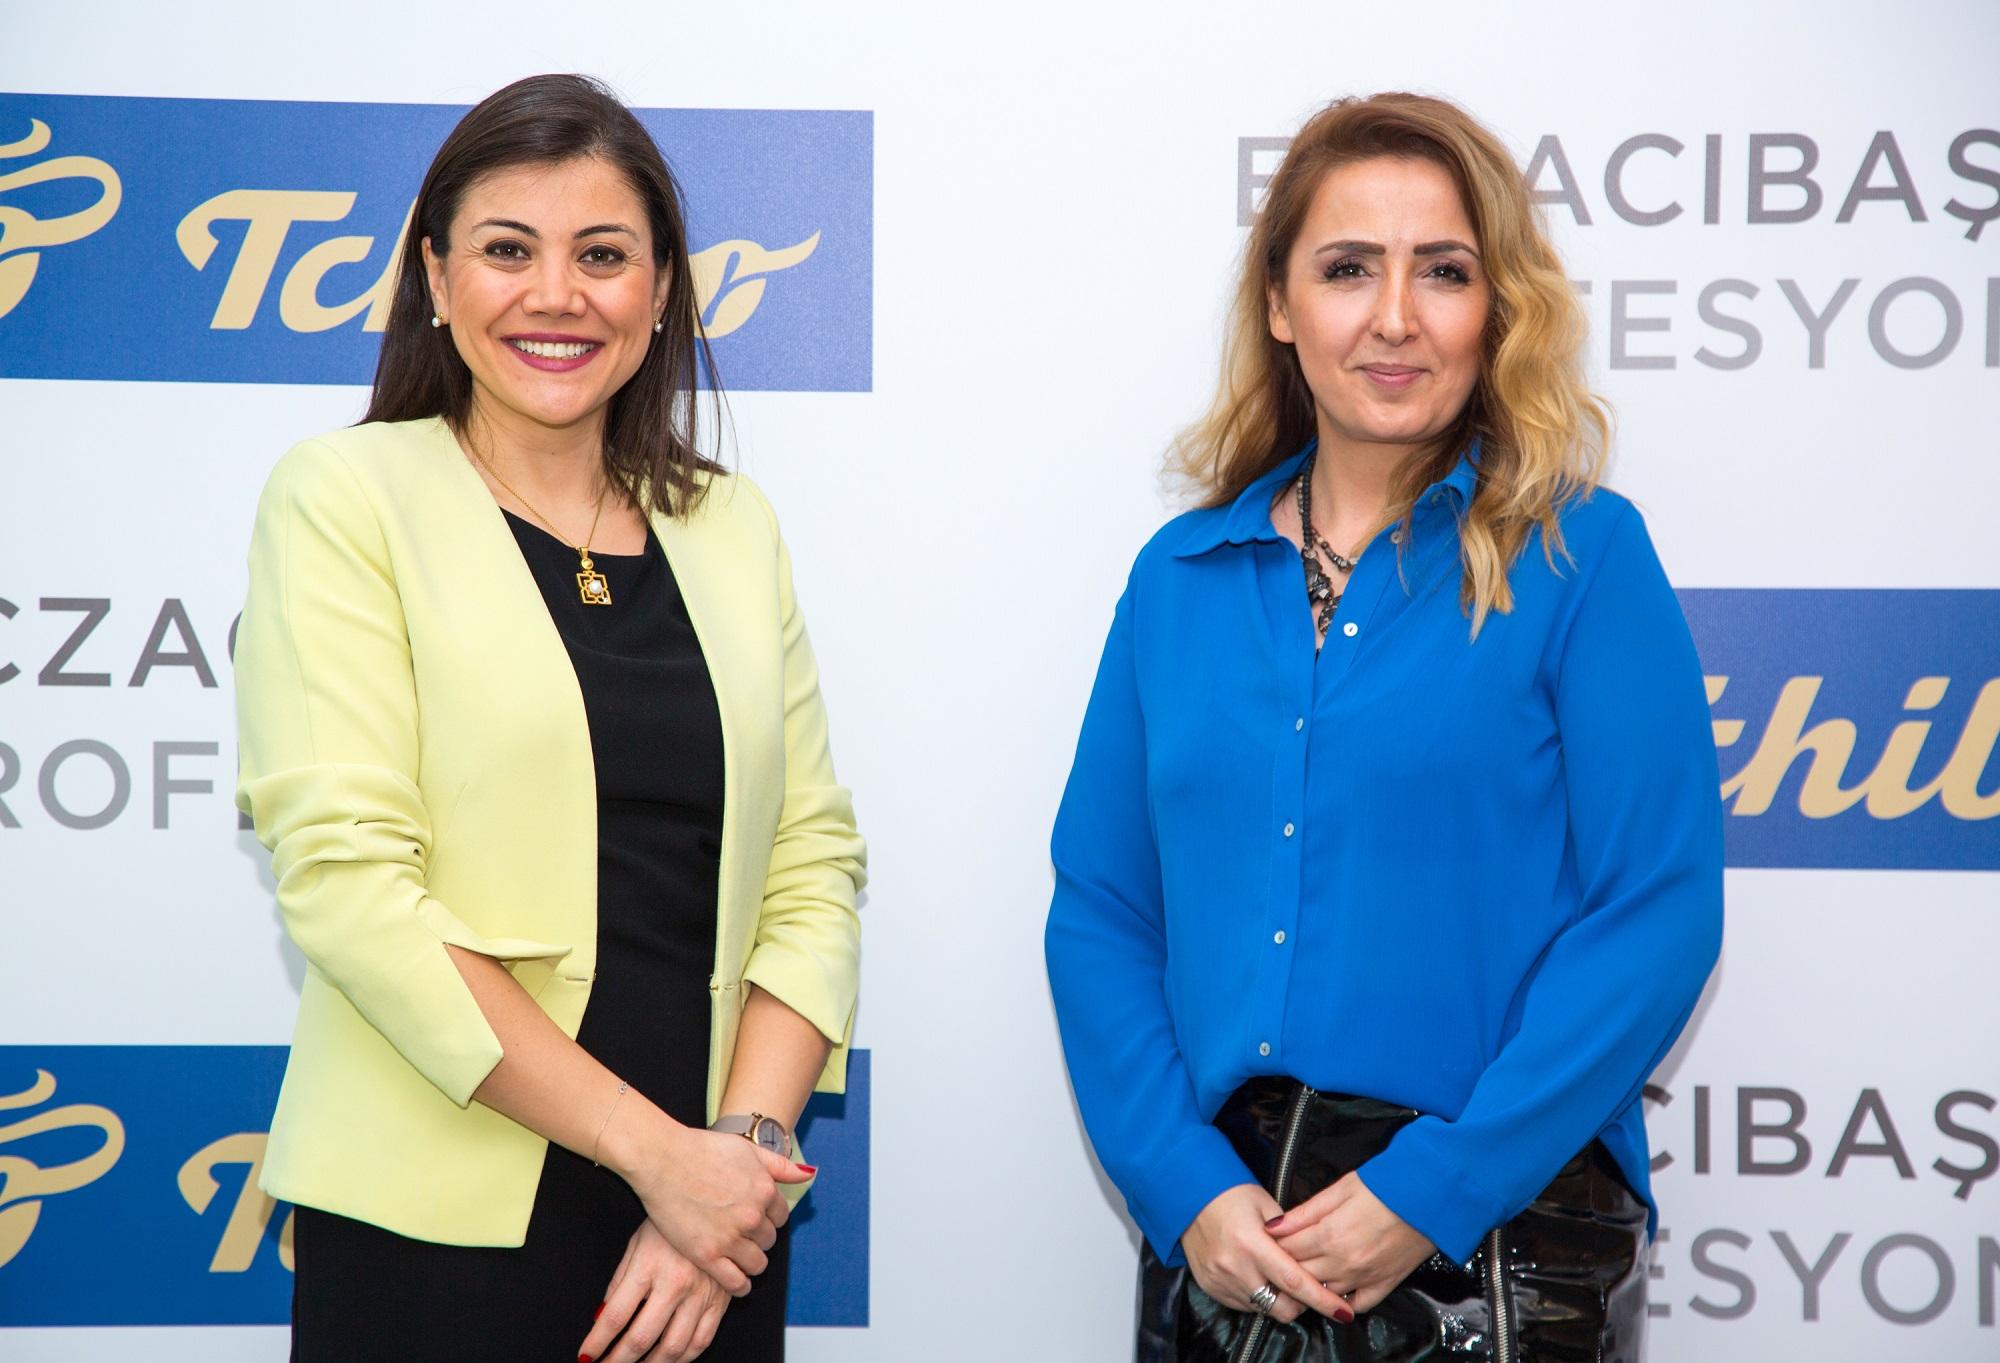 Tchibo Türkiye ve Eczacıbaşı Profesyonel'den işbirliği anlaşması